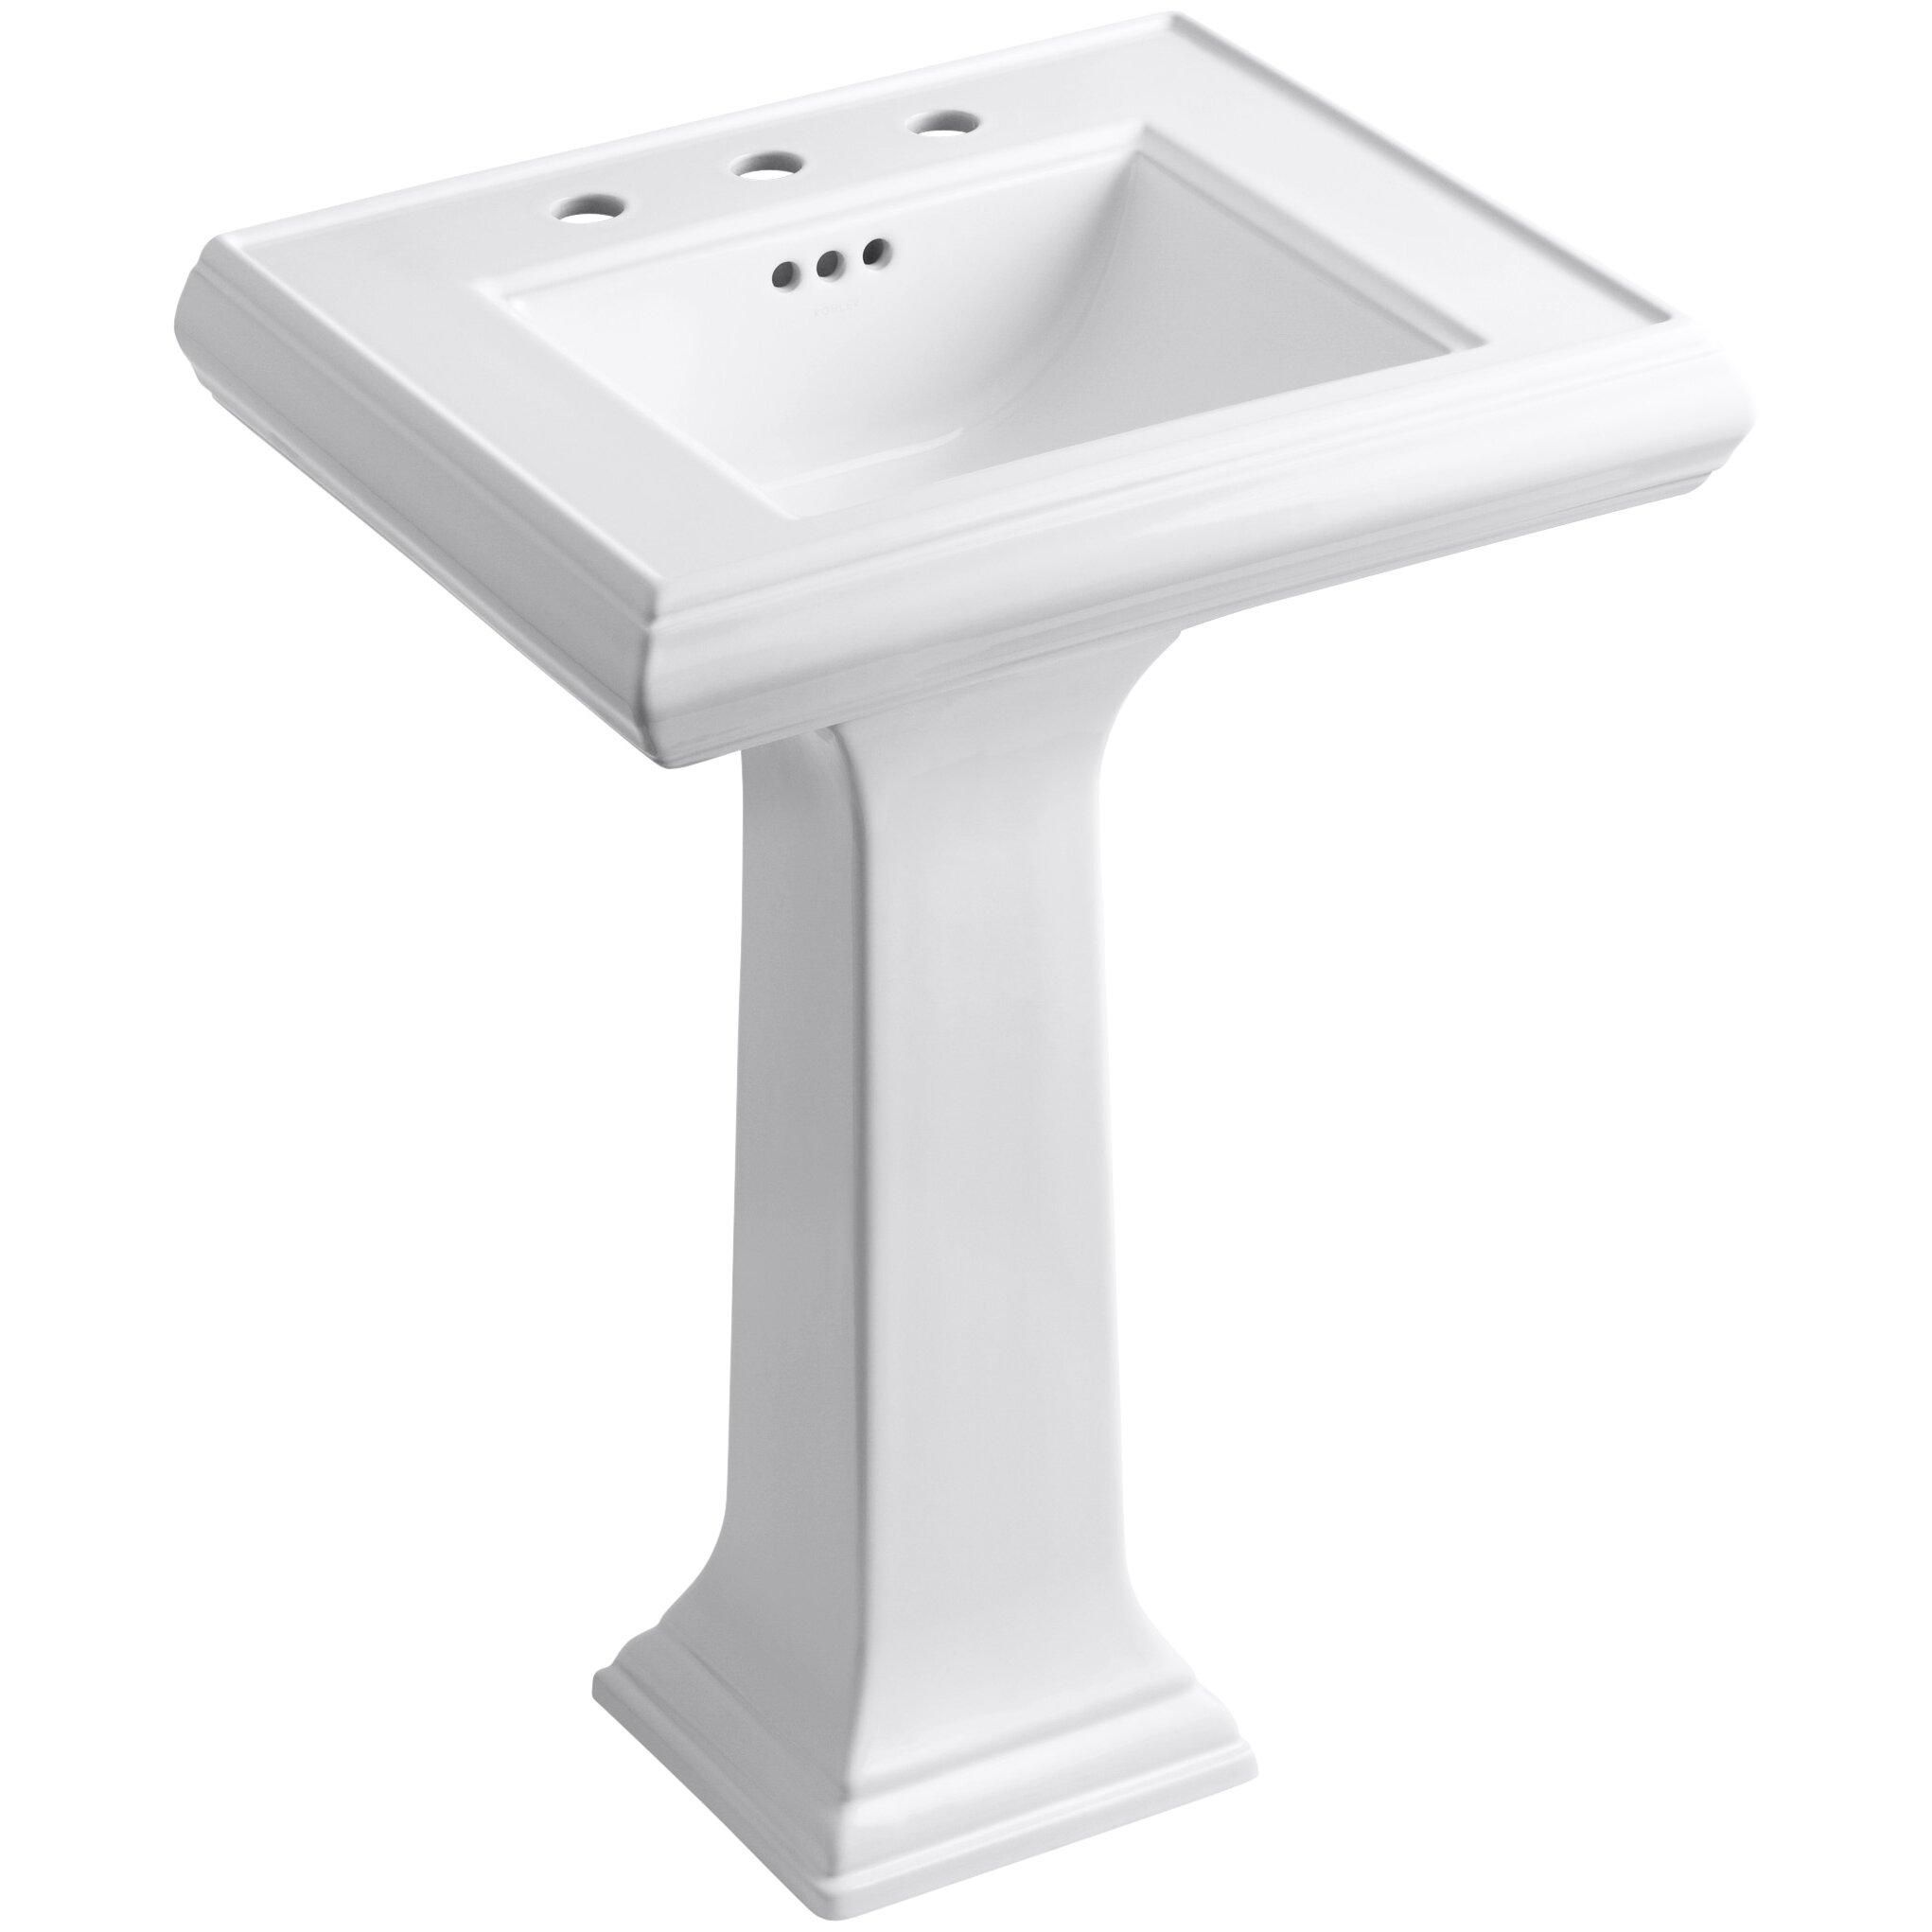 Gallery Of Kohler Memoirs Pedestal Sink 24